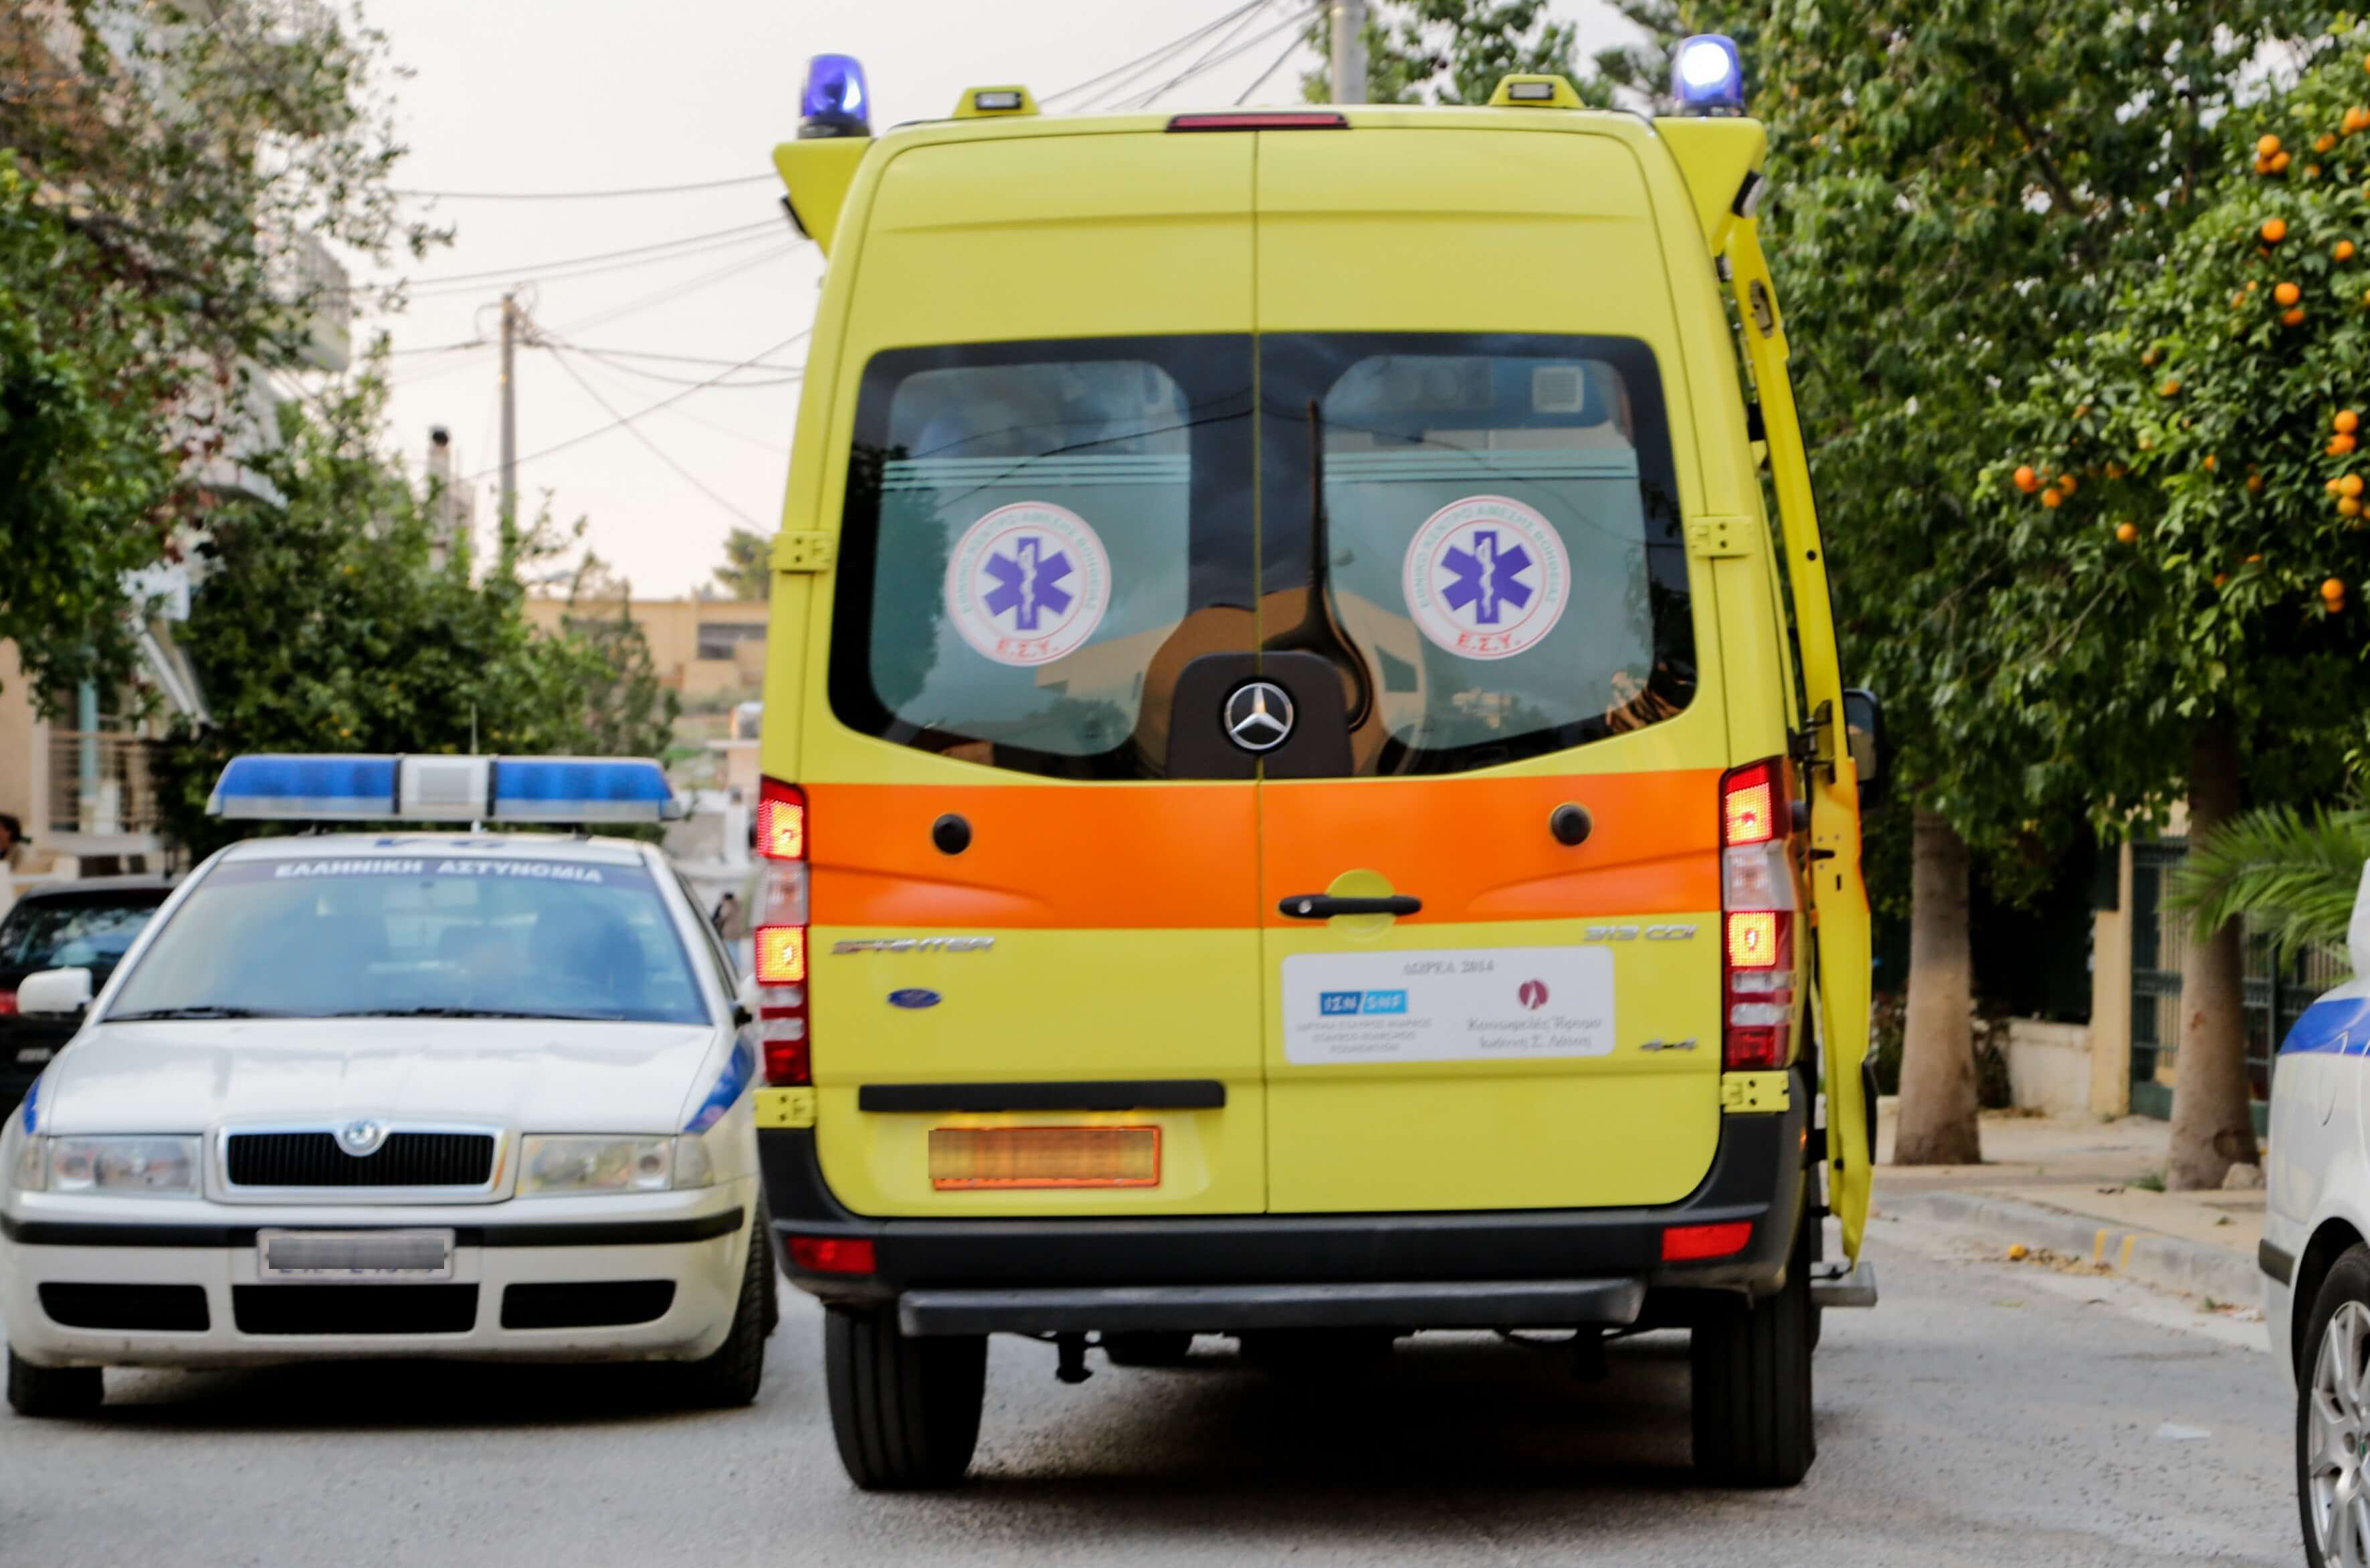 Τραγωδία στη Στυλίδα! Κατέρρευσε φωταγωγός και σκοτώθηκε εργάτης!